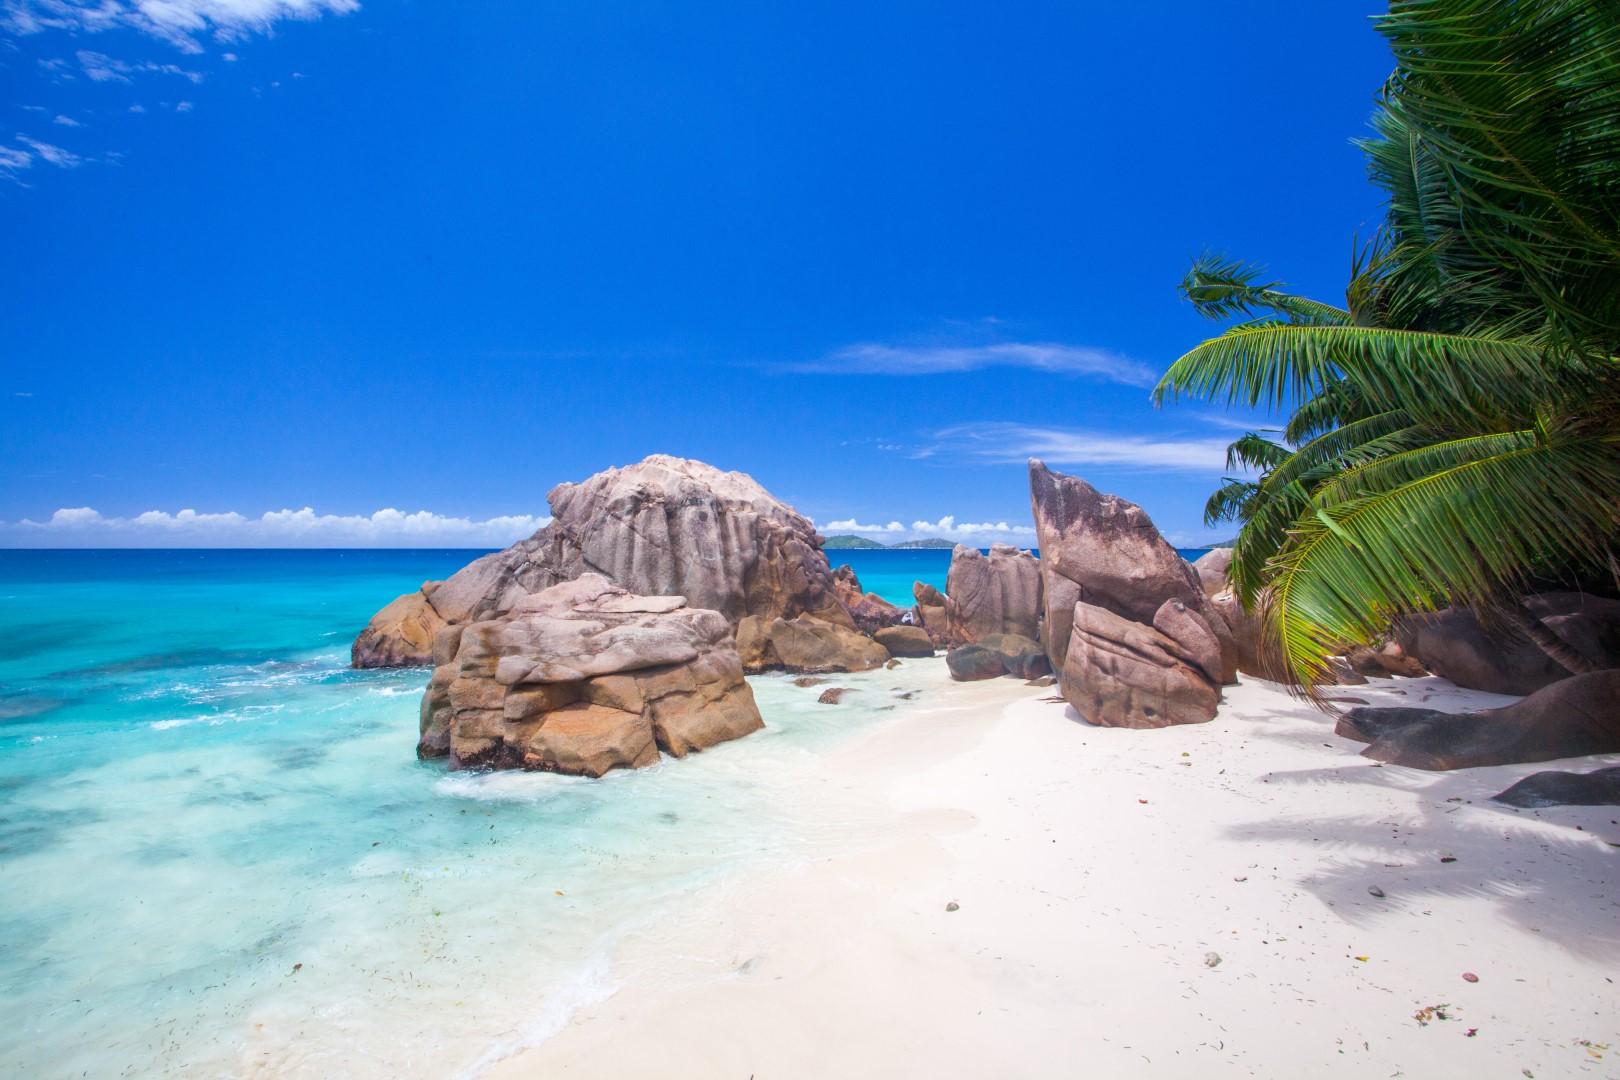 Flug-Deal: Business Class auf die Seychellen für 1389 Euro mit Kind